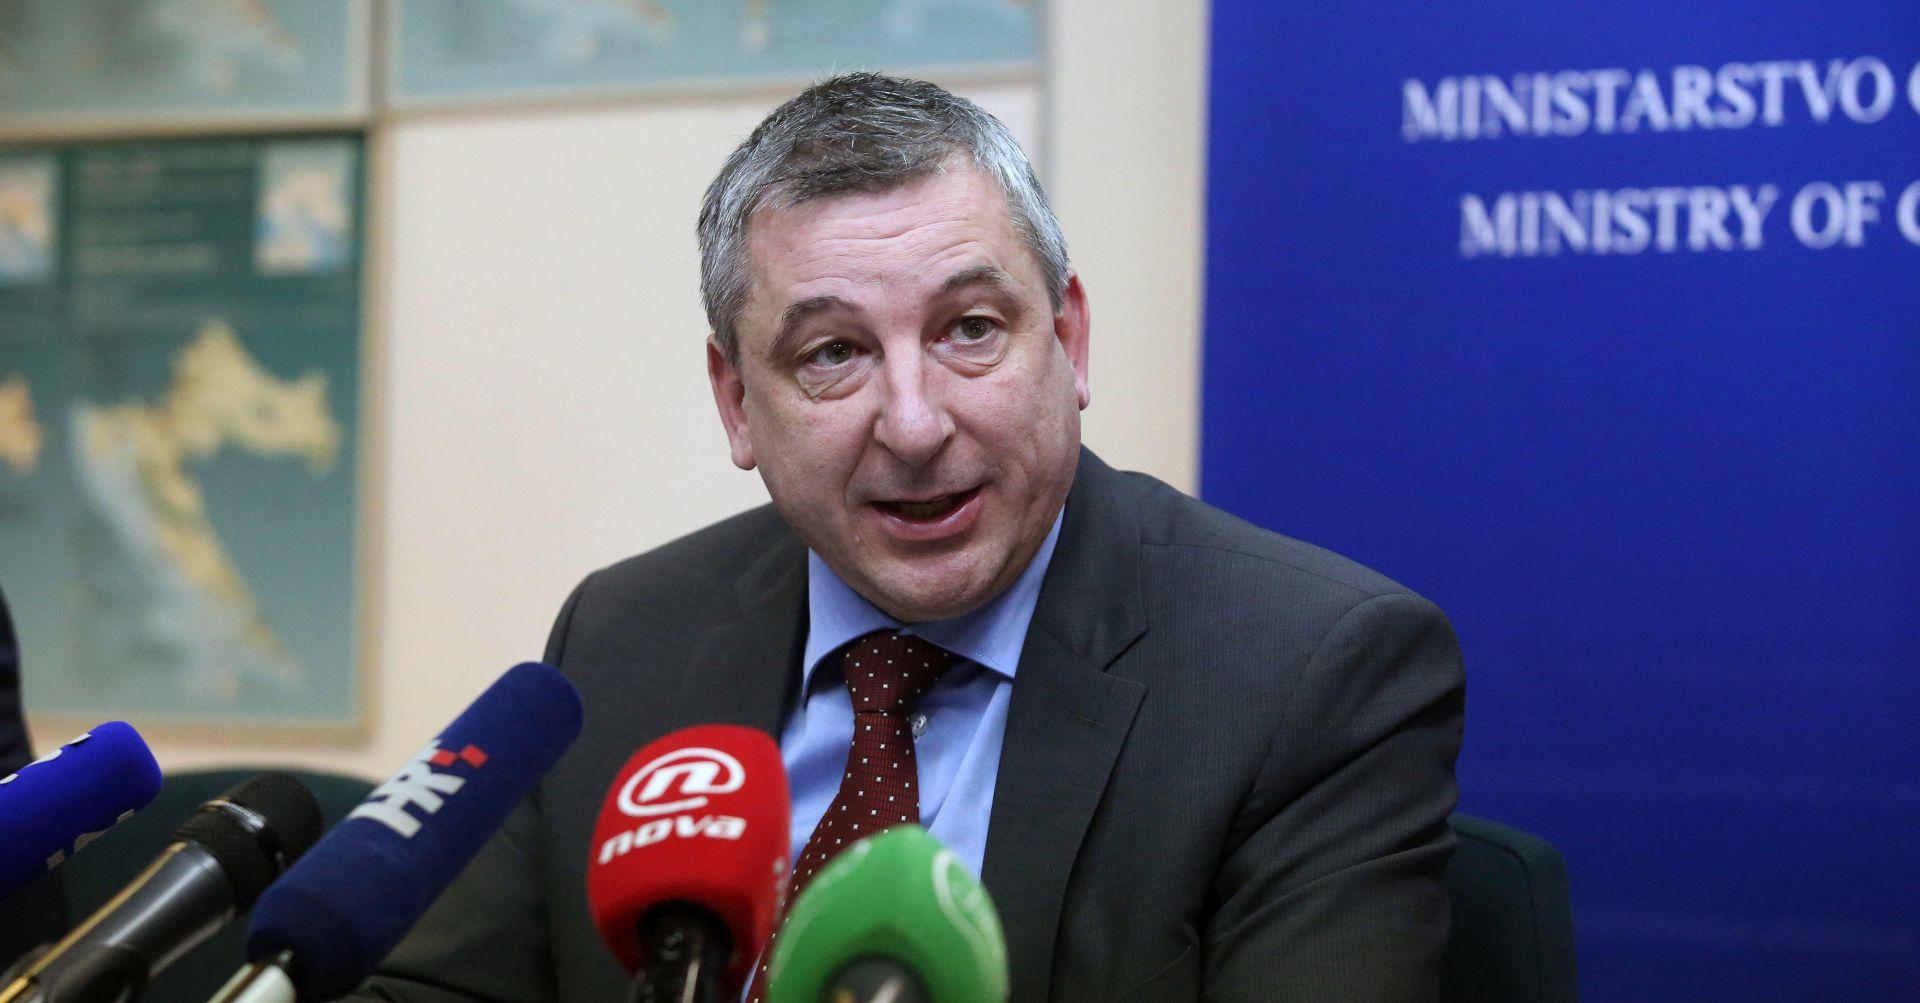 """'HNS nije promijenio stav oko pozdrava 'Za dom spremni"""""""